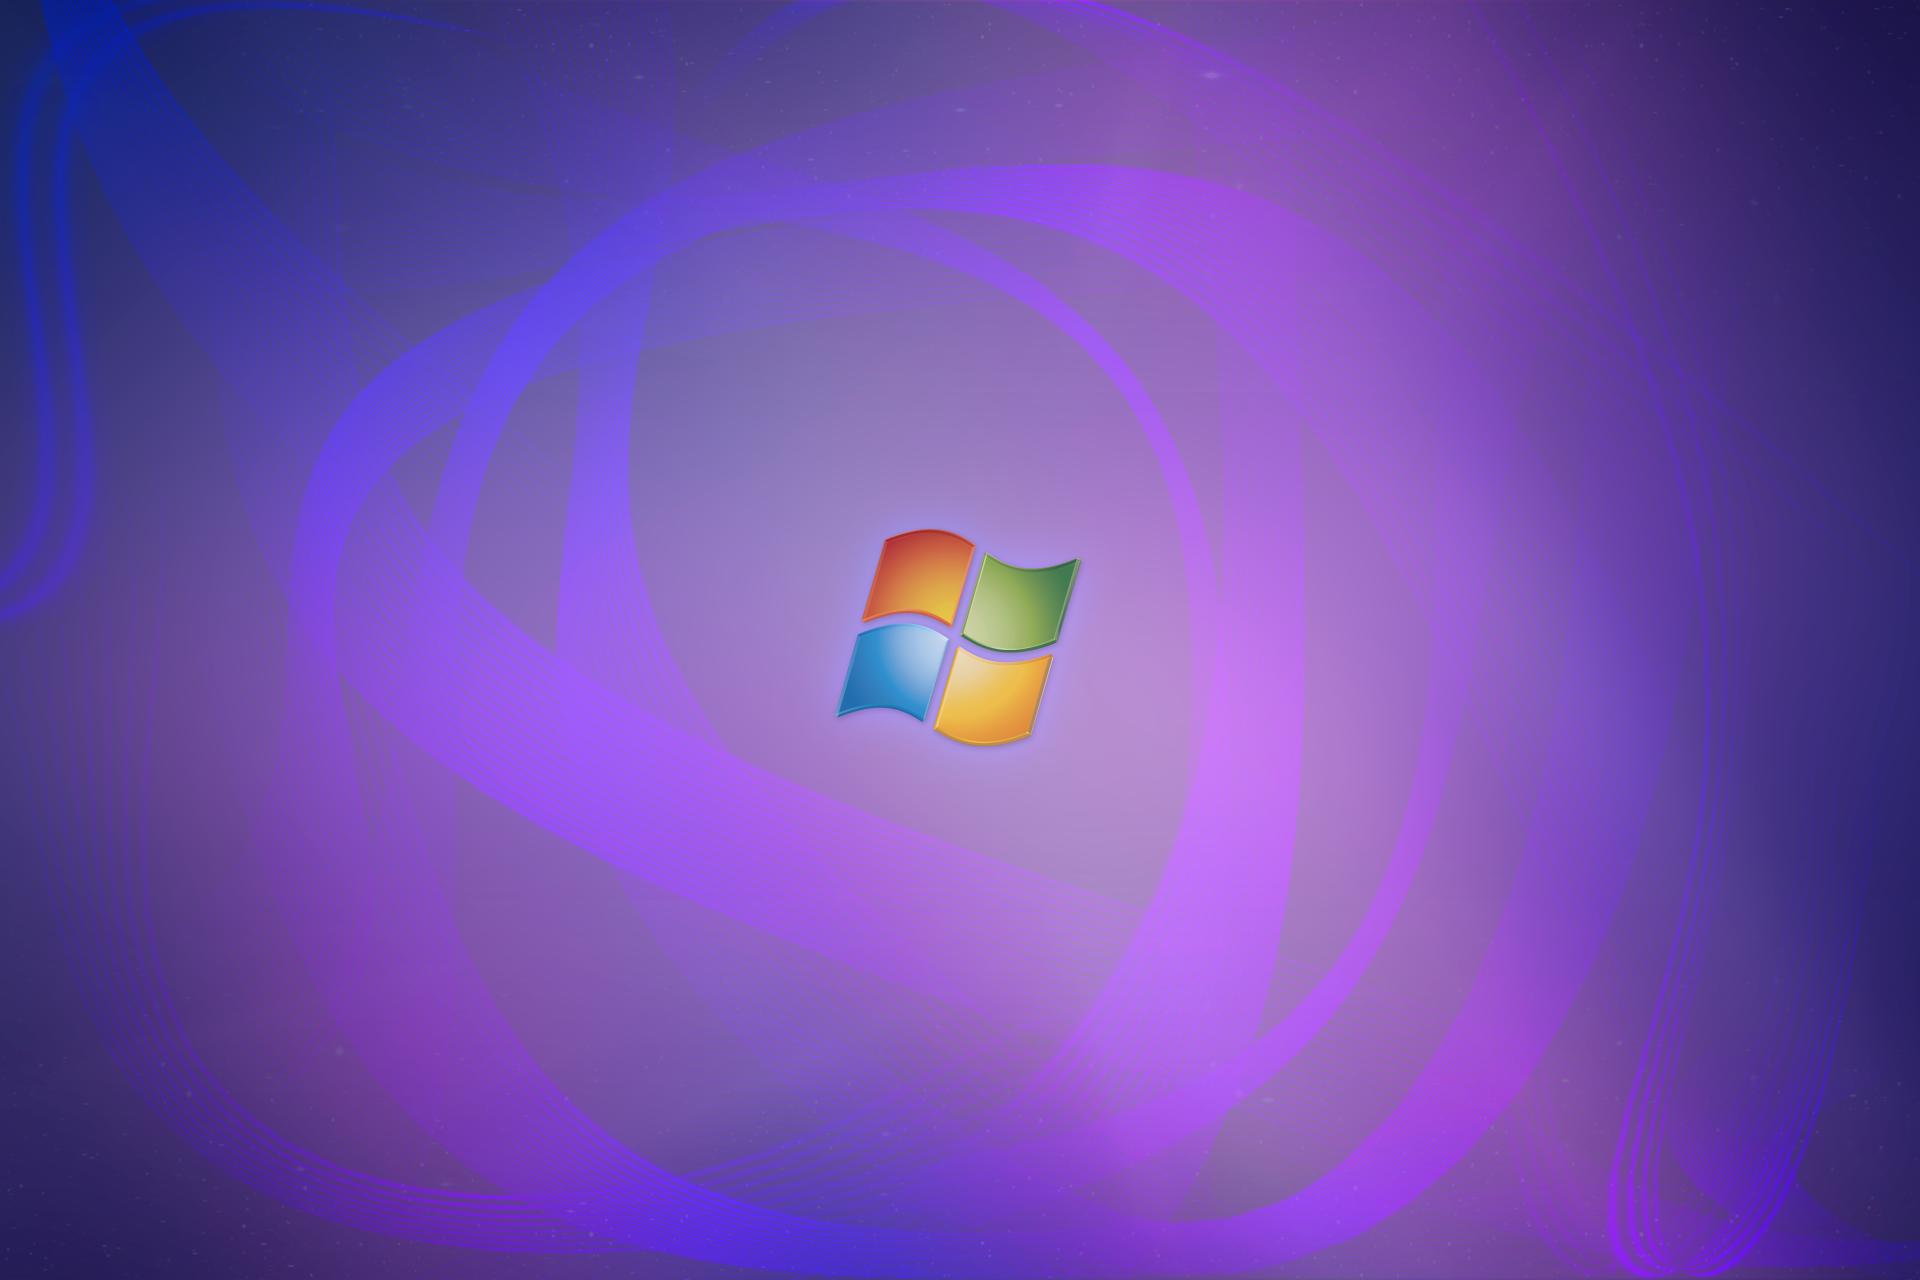 Windows 7 Masaüstü Arka Plan resmi indir